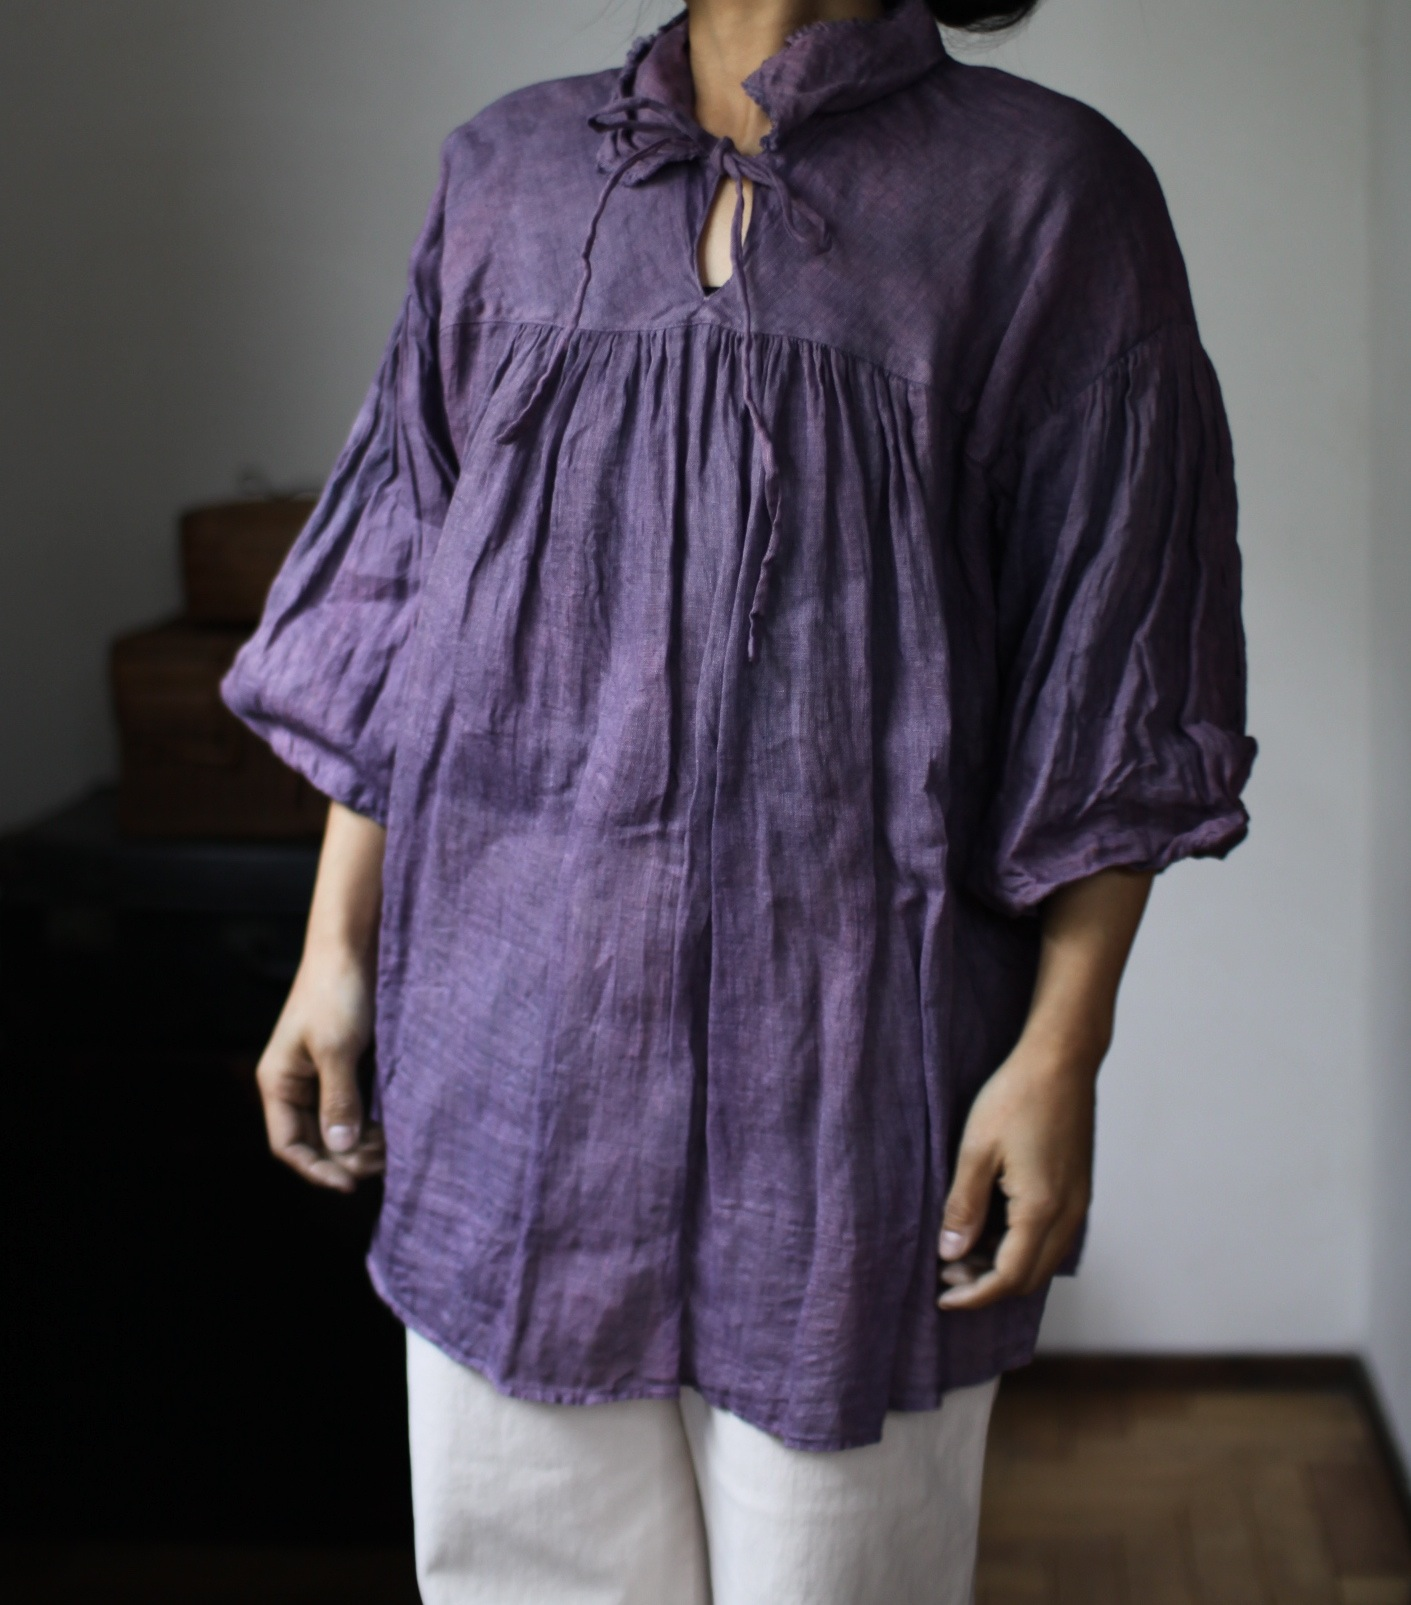 2015 Spring/Summer リネンシングルガーゼのブラウス Linen gauze blouse(B-1531)モーブ